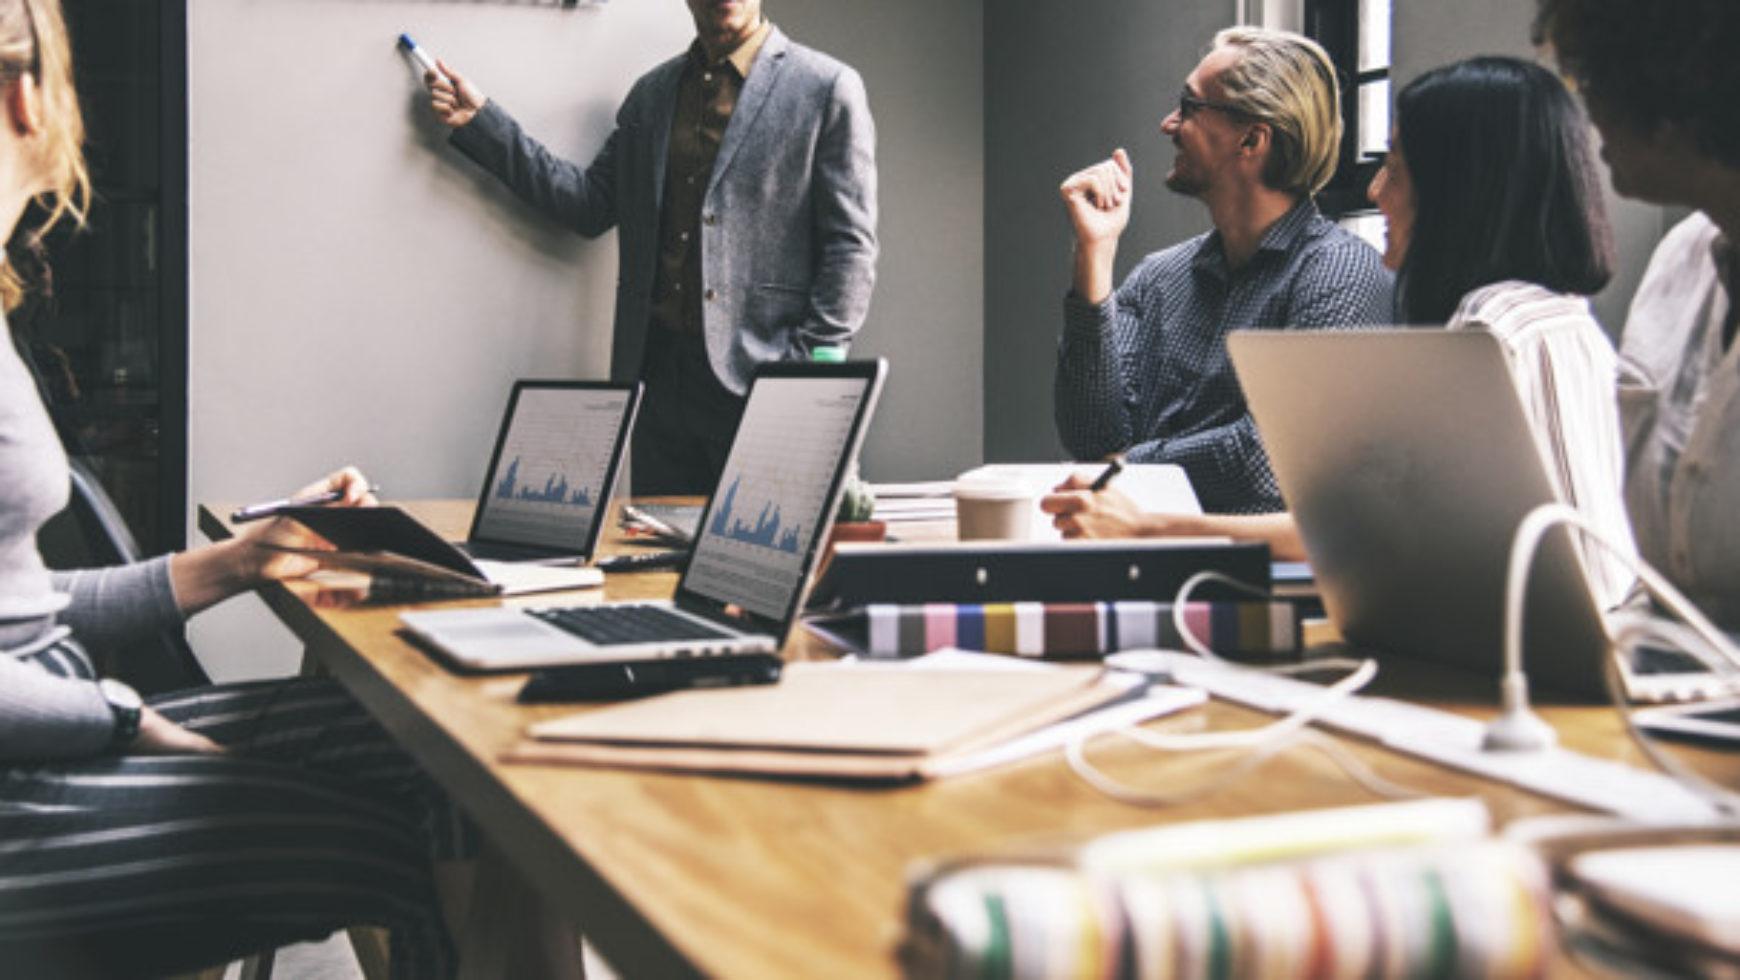 Instrucciones del Servicio Valenciano de Empleo y Formación sobre la impartición de acciones de Formación Profesional para el Empleo suspendidas por el COVID-19.